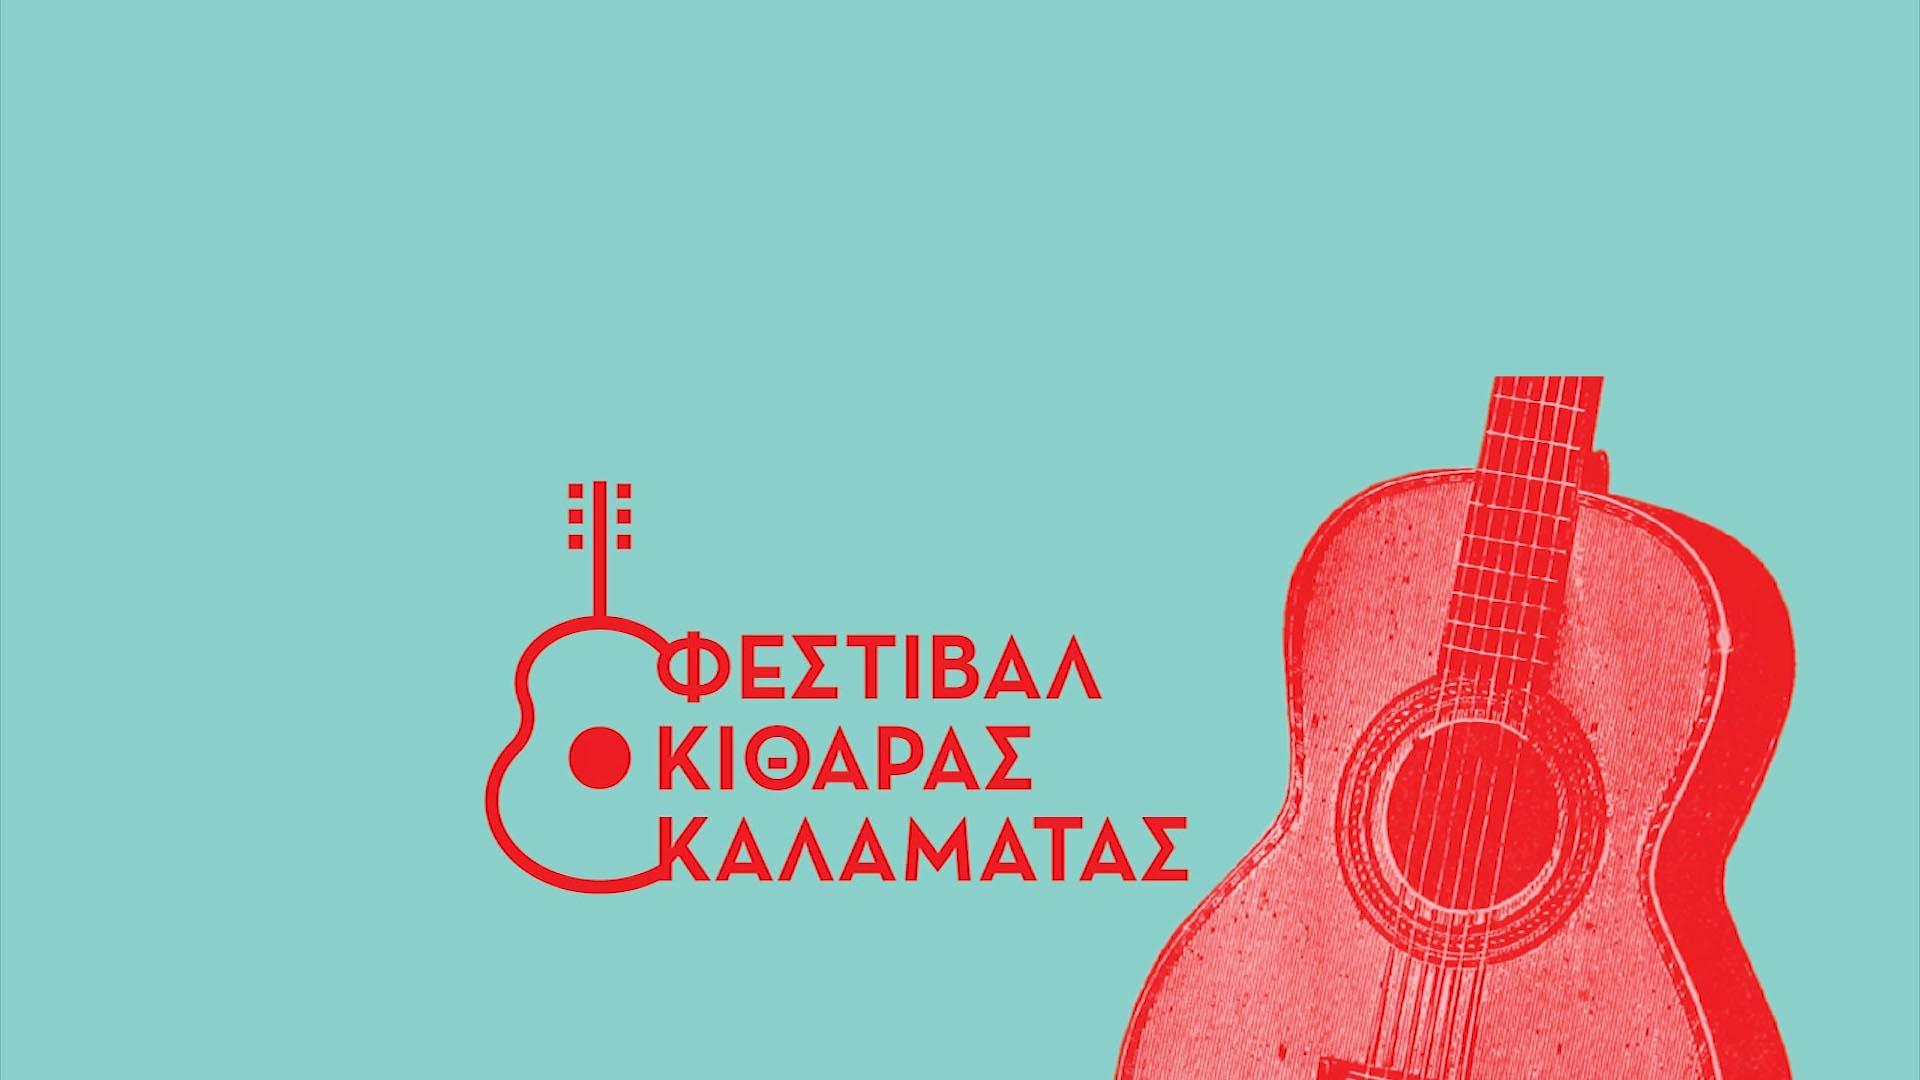 Φεστιβάλ Κιθάρας Καλαμάτας video cover